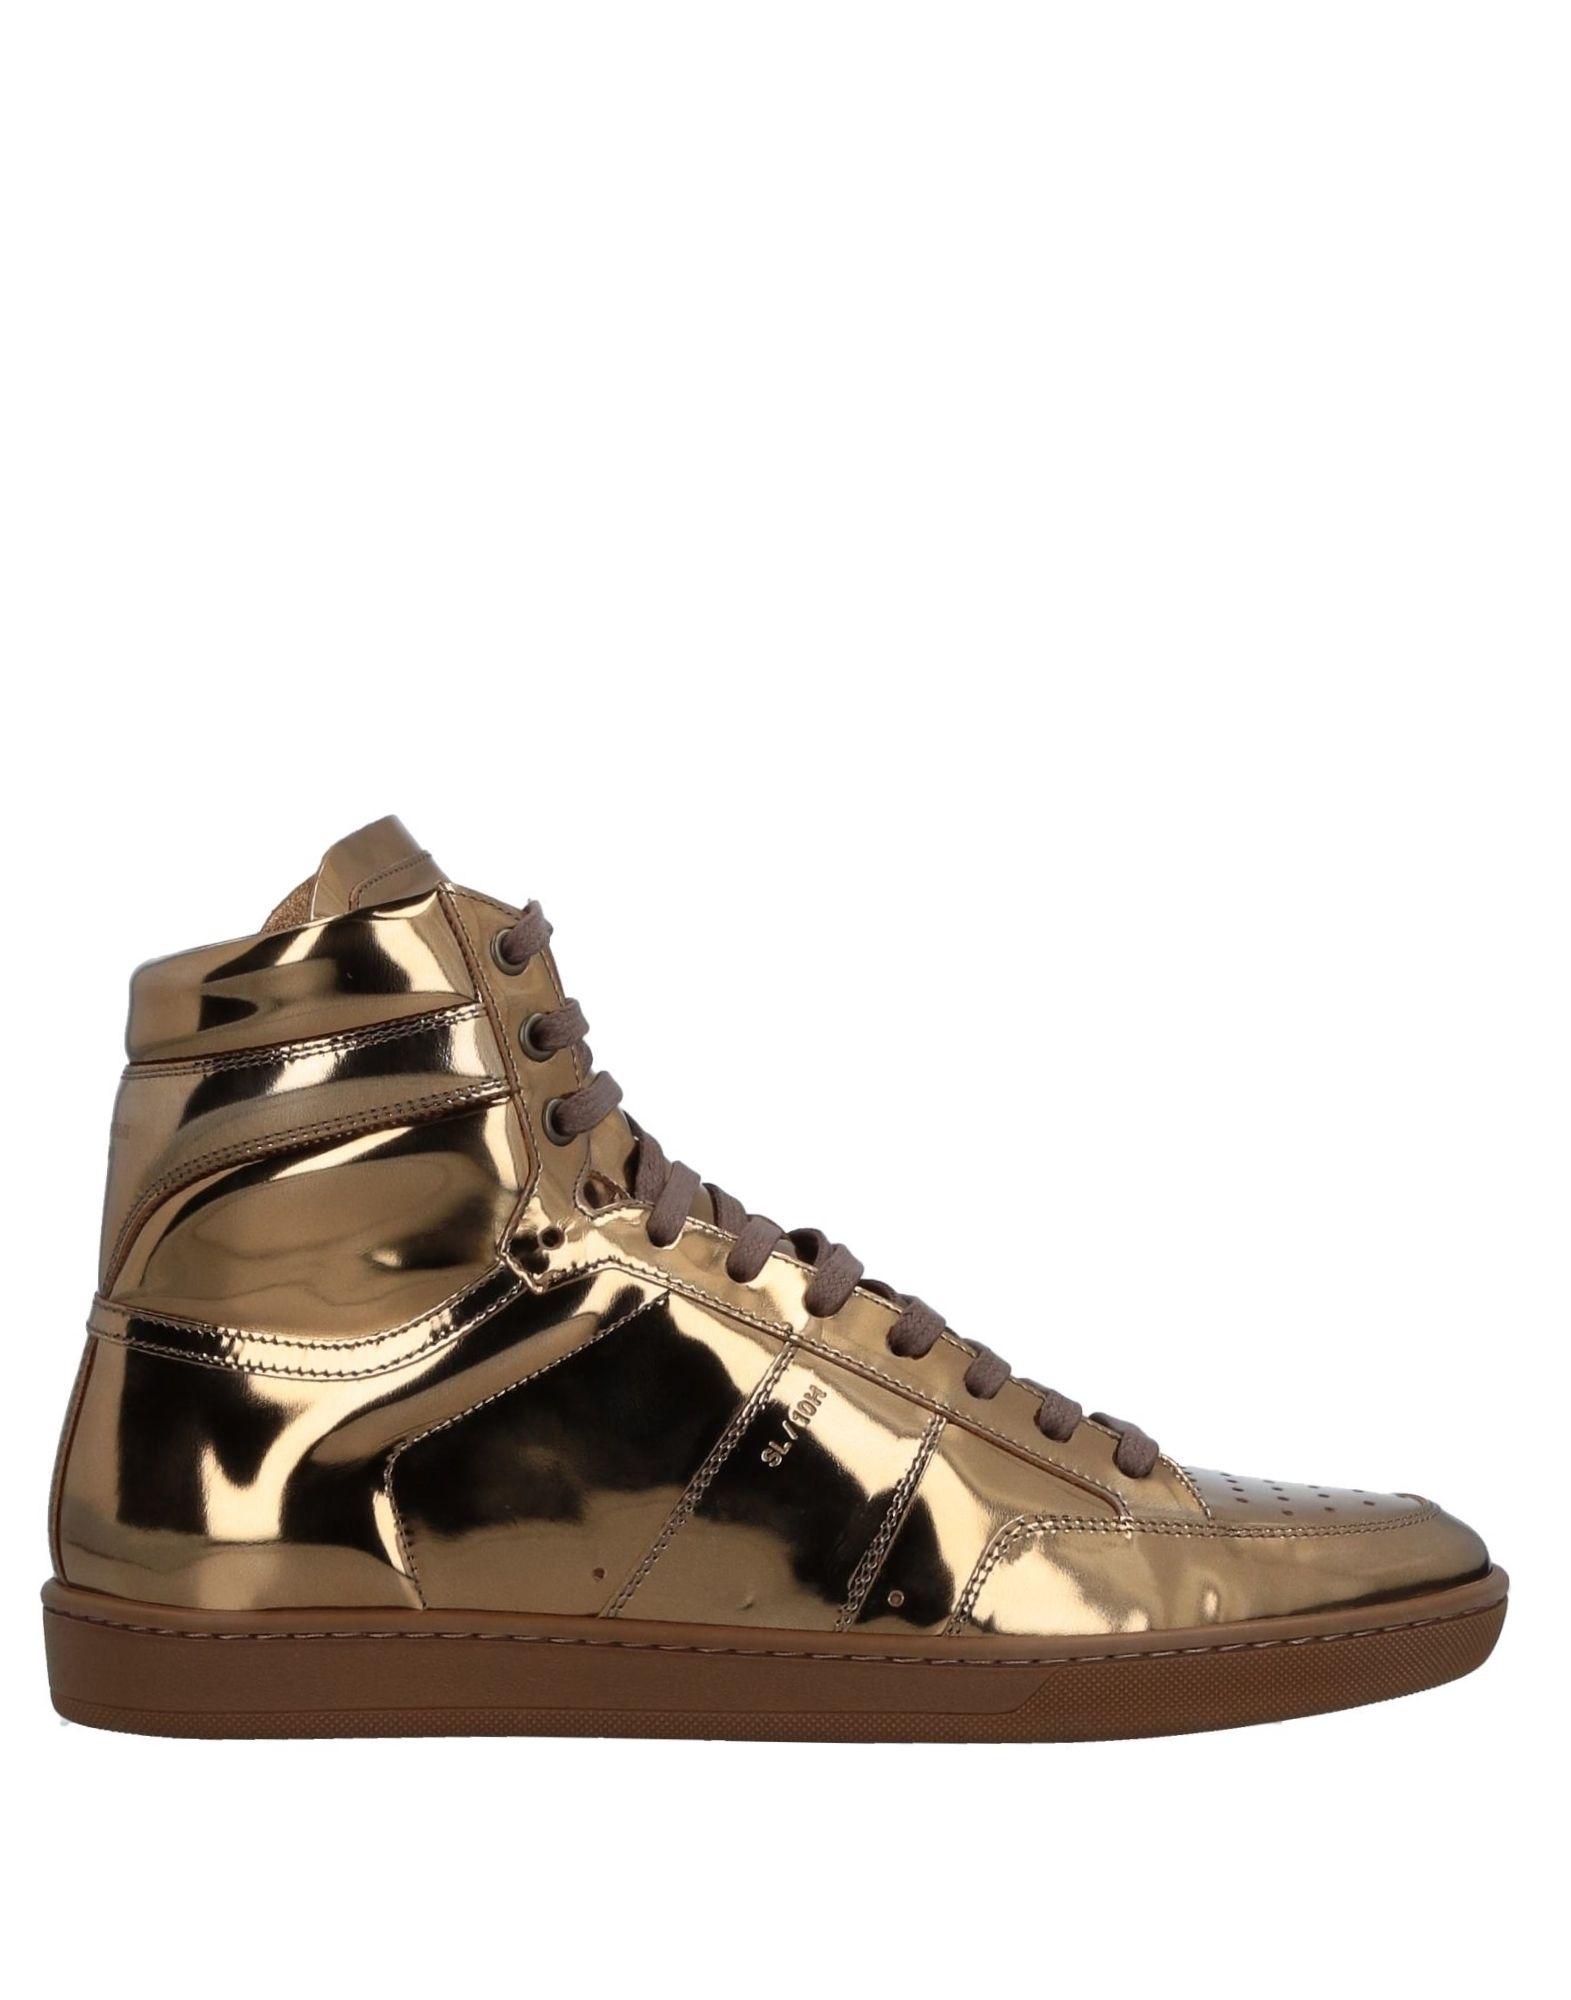 Saint Laurent Sneakers Herren  11518264TU Gute Qualität beliebte Schuhe